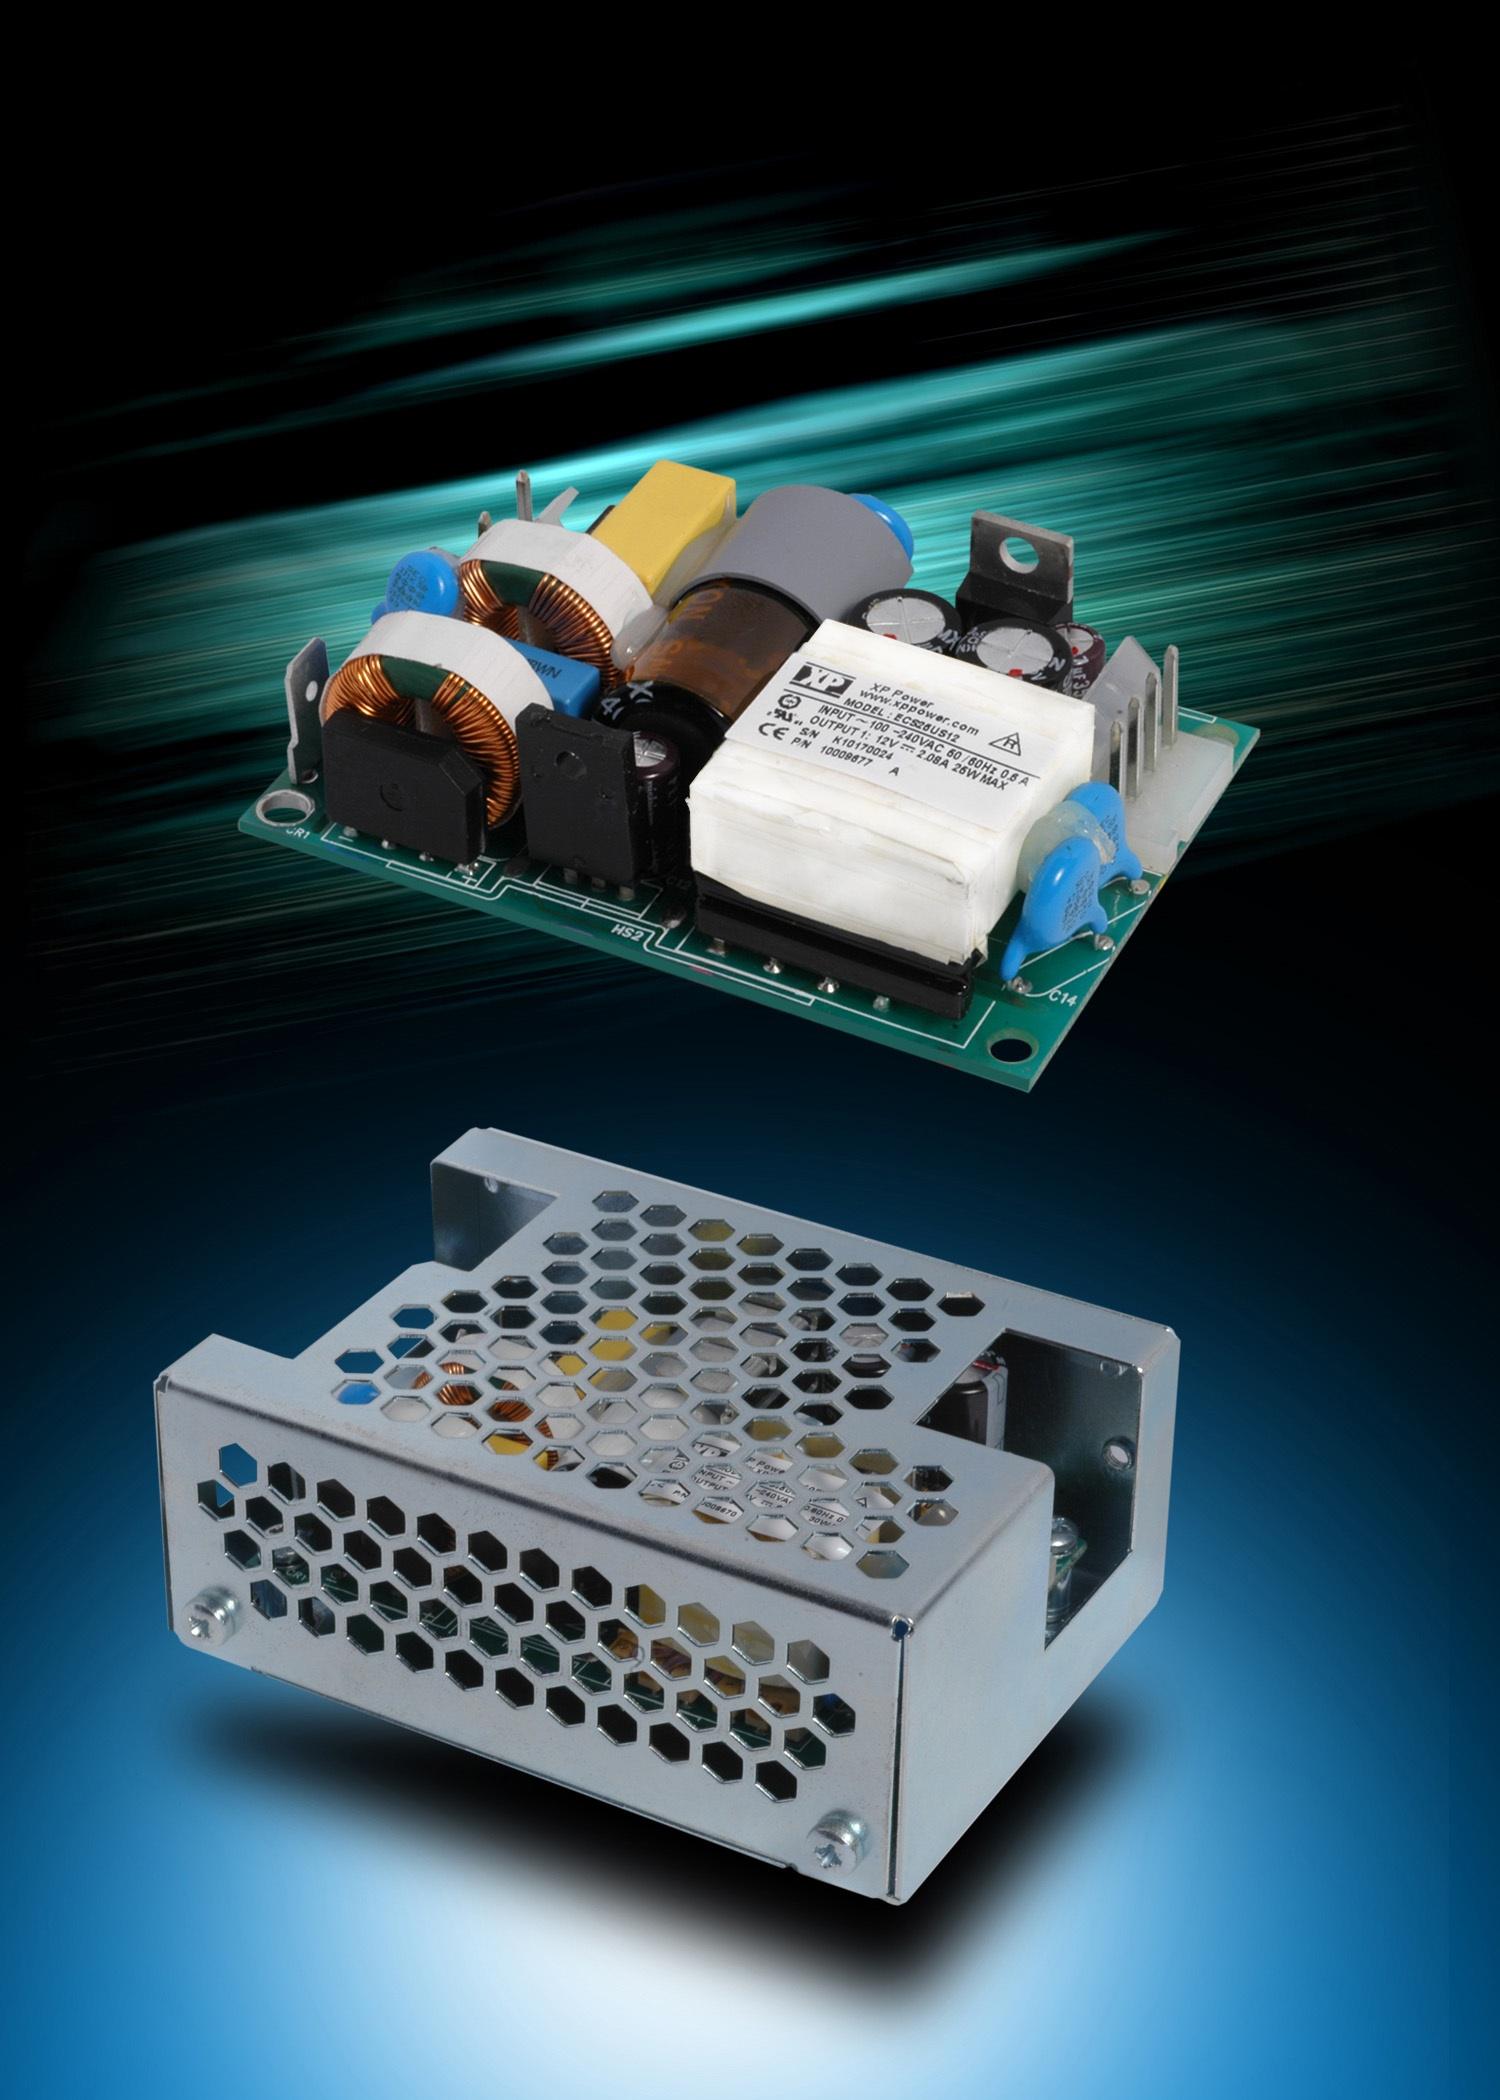 Компактные 45-Вт источники питания AC/DC для применения в промышленном и медицинском оборудовании